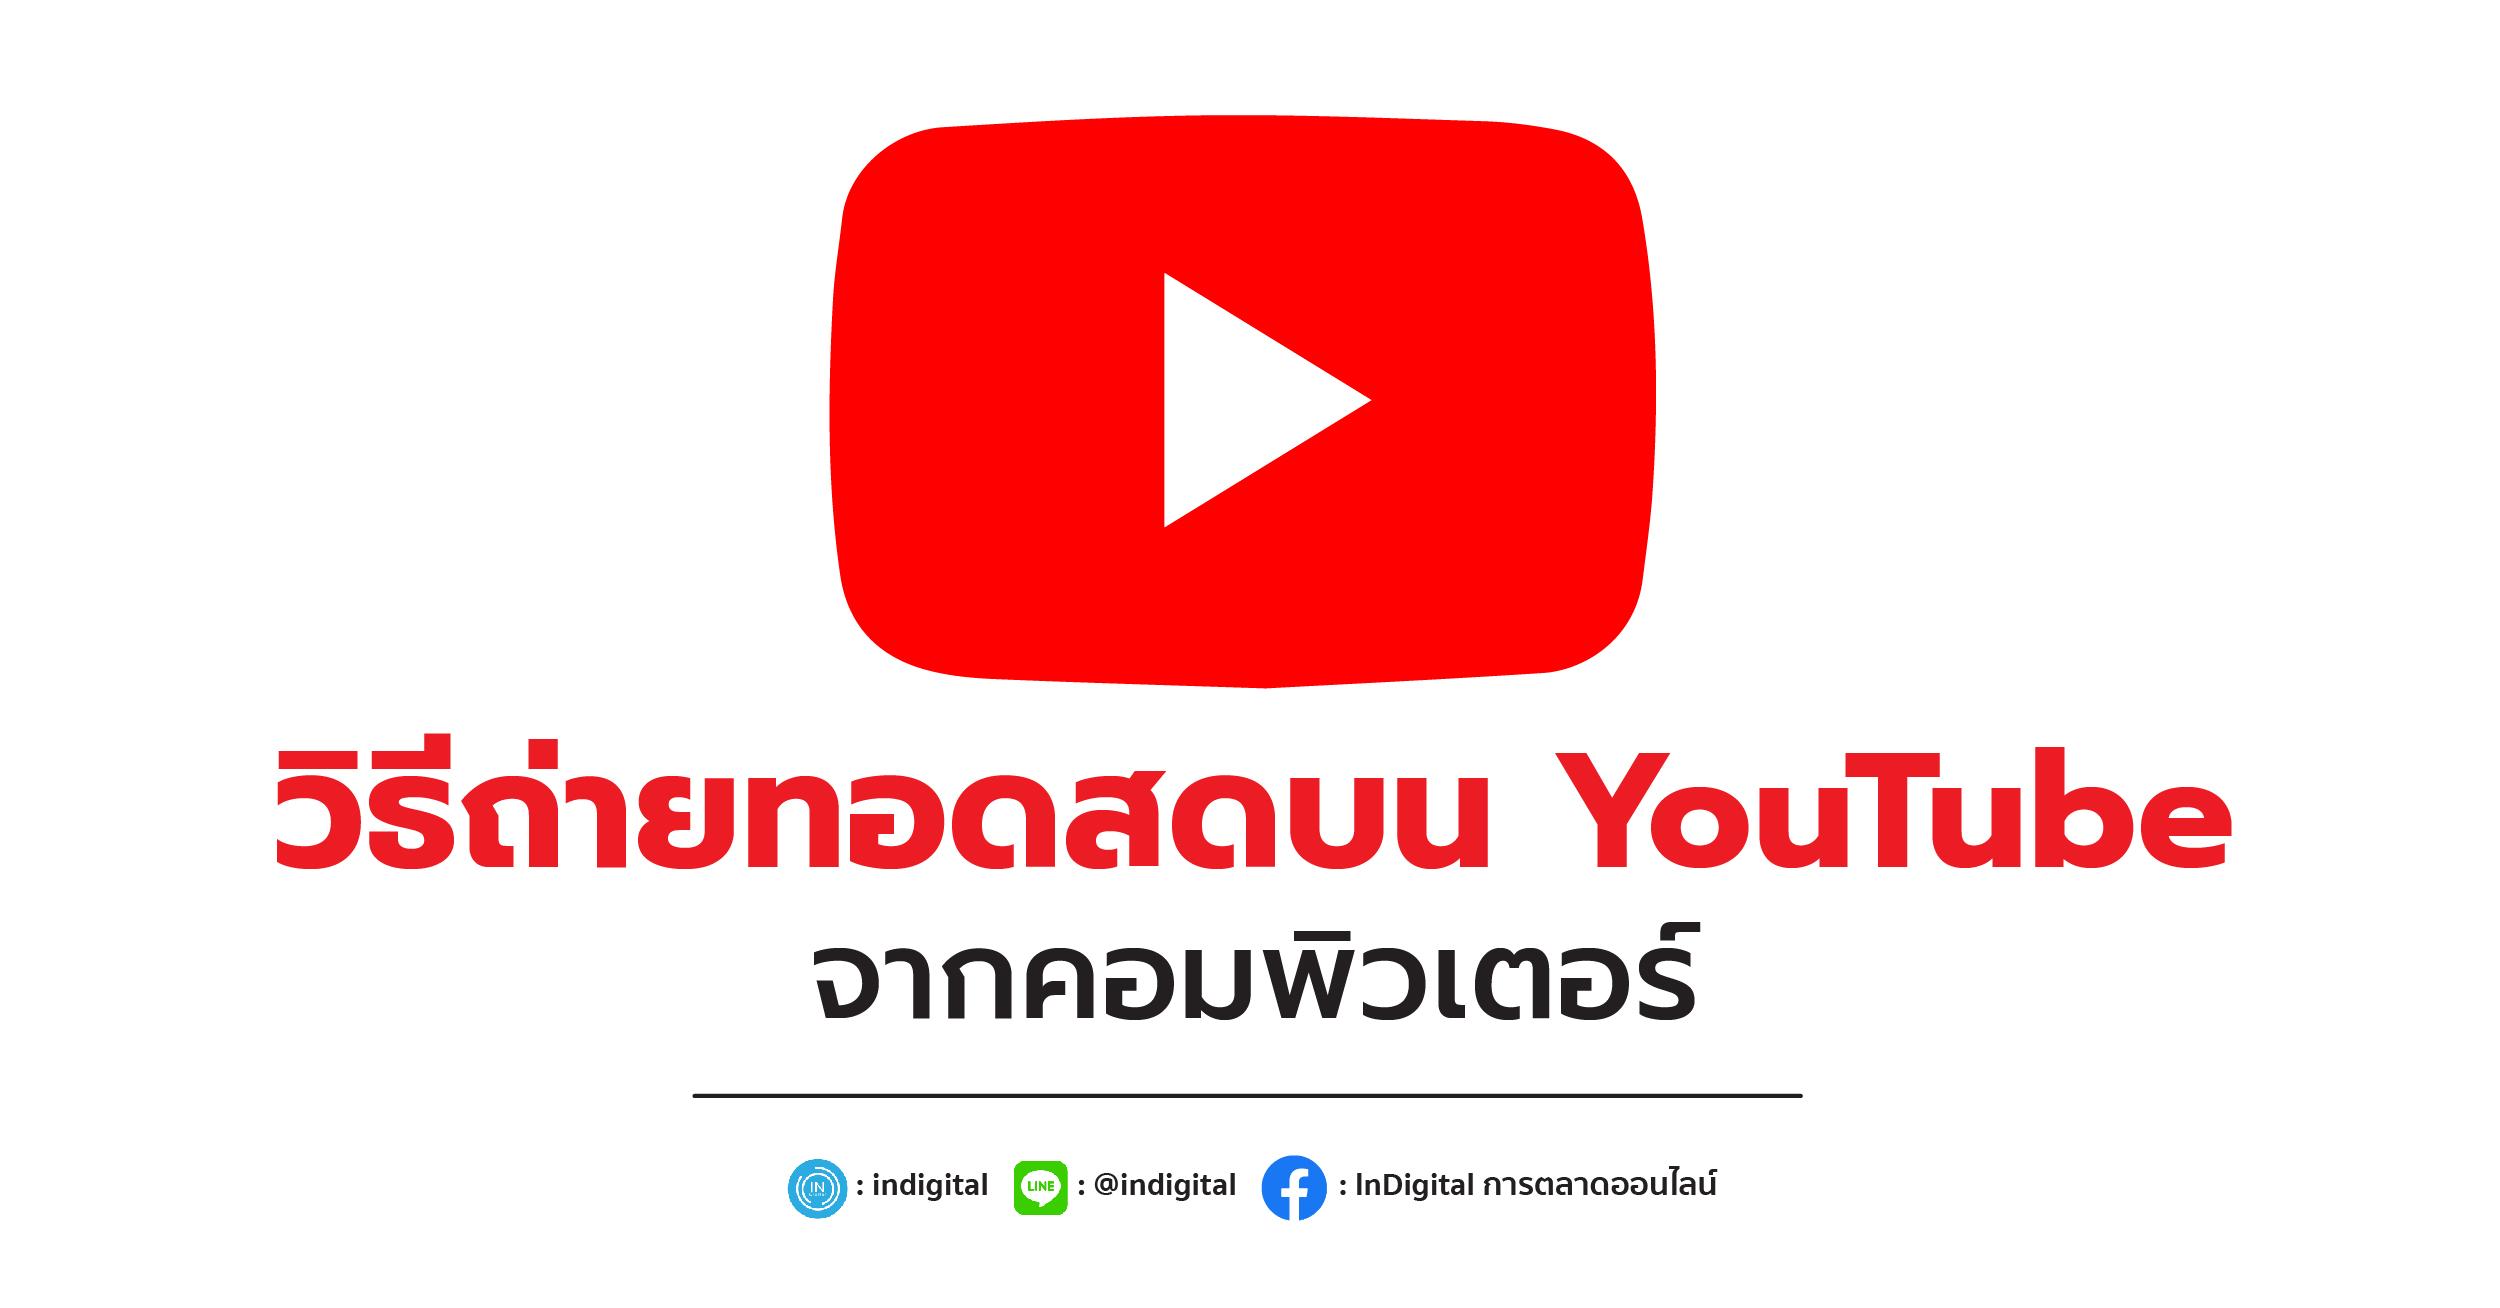 วิธีถ่ายทอดสดบน YouTube จากคอมพิวเตอร์